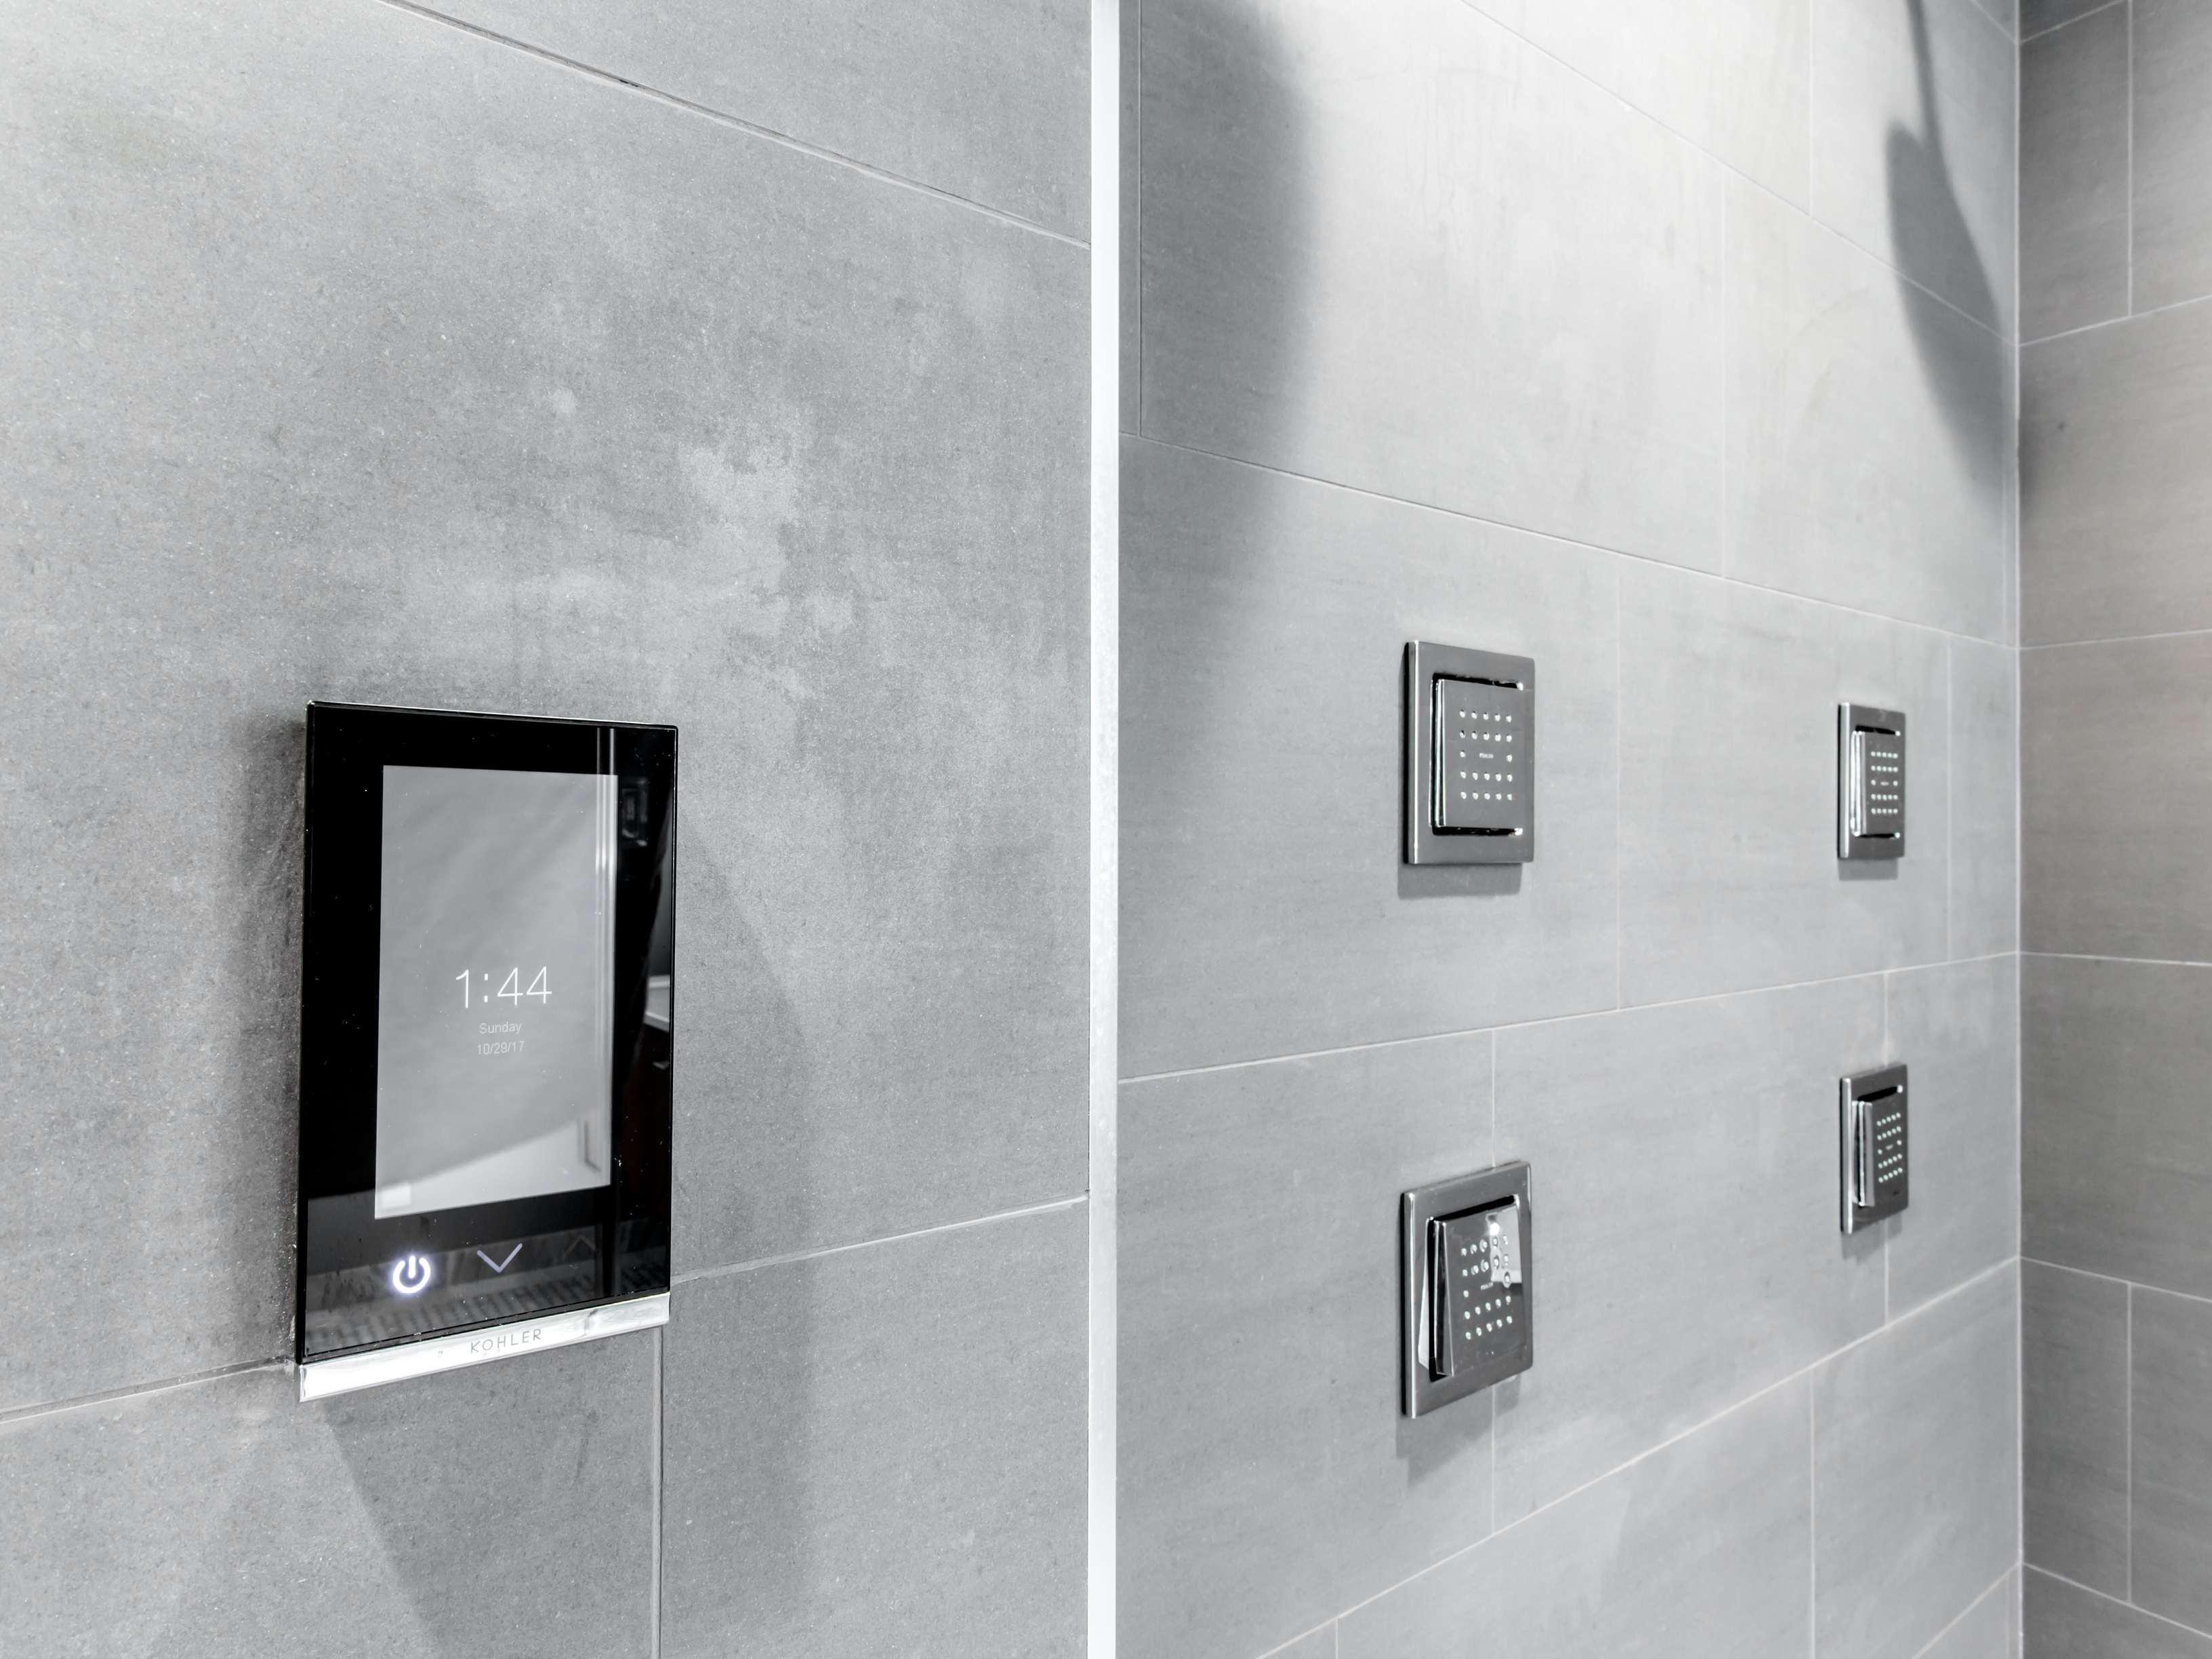 Kohler DTV+Steam Shower System